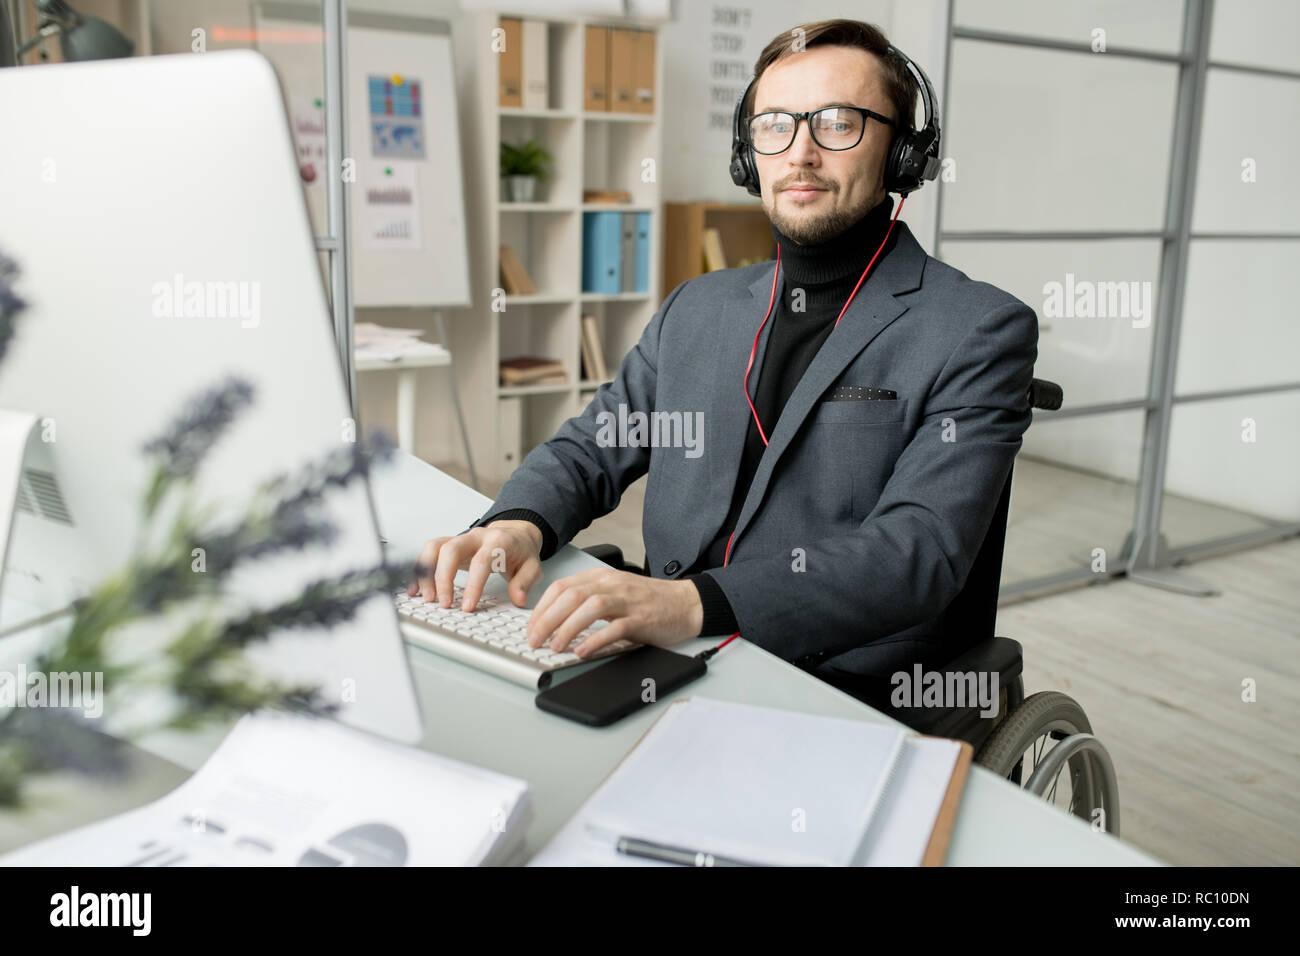 Deshabilitado el empresario trabajando en equipo Imagen De Stock